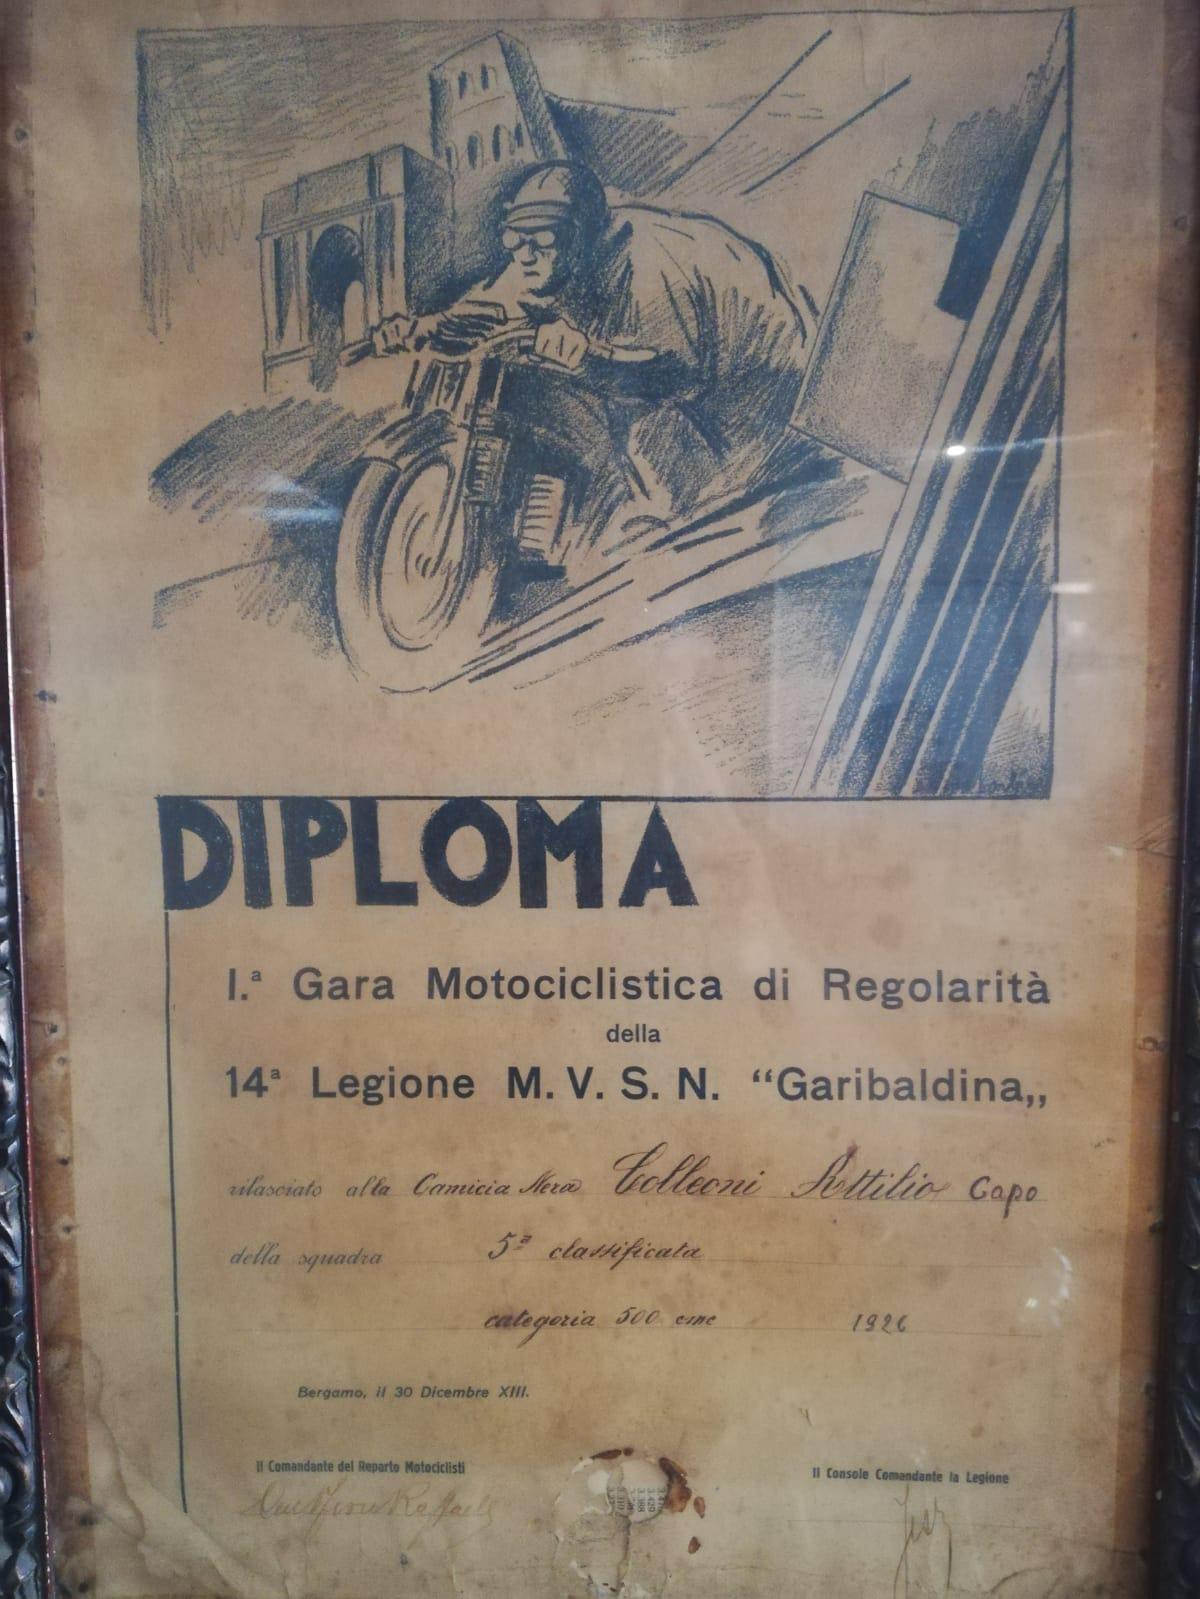 diploma di gara di regolarità disputata nel 1926 da Colleoni Attilio